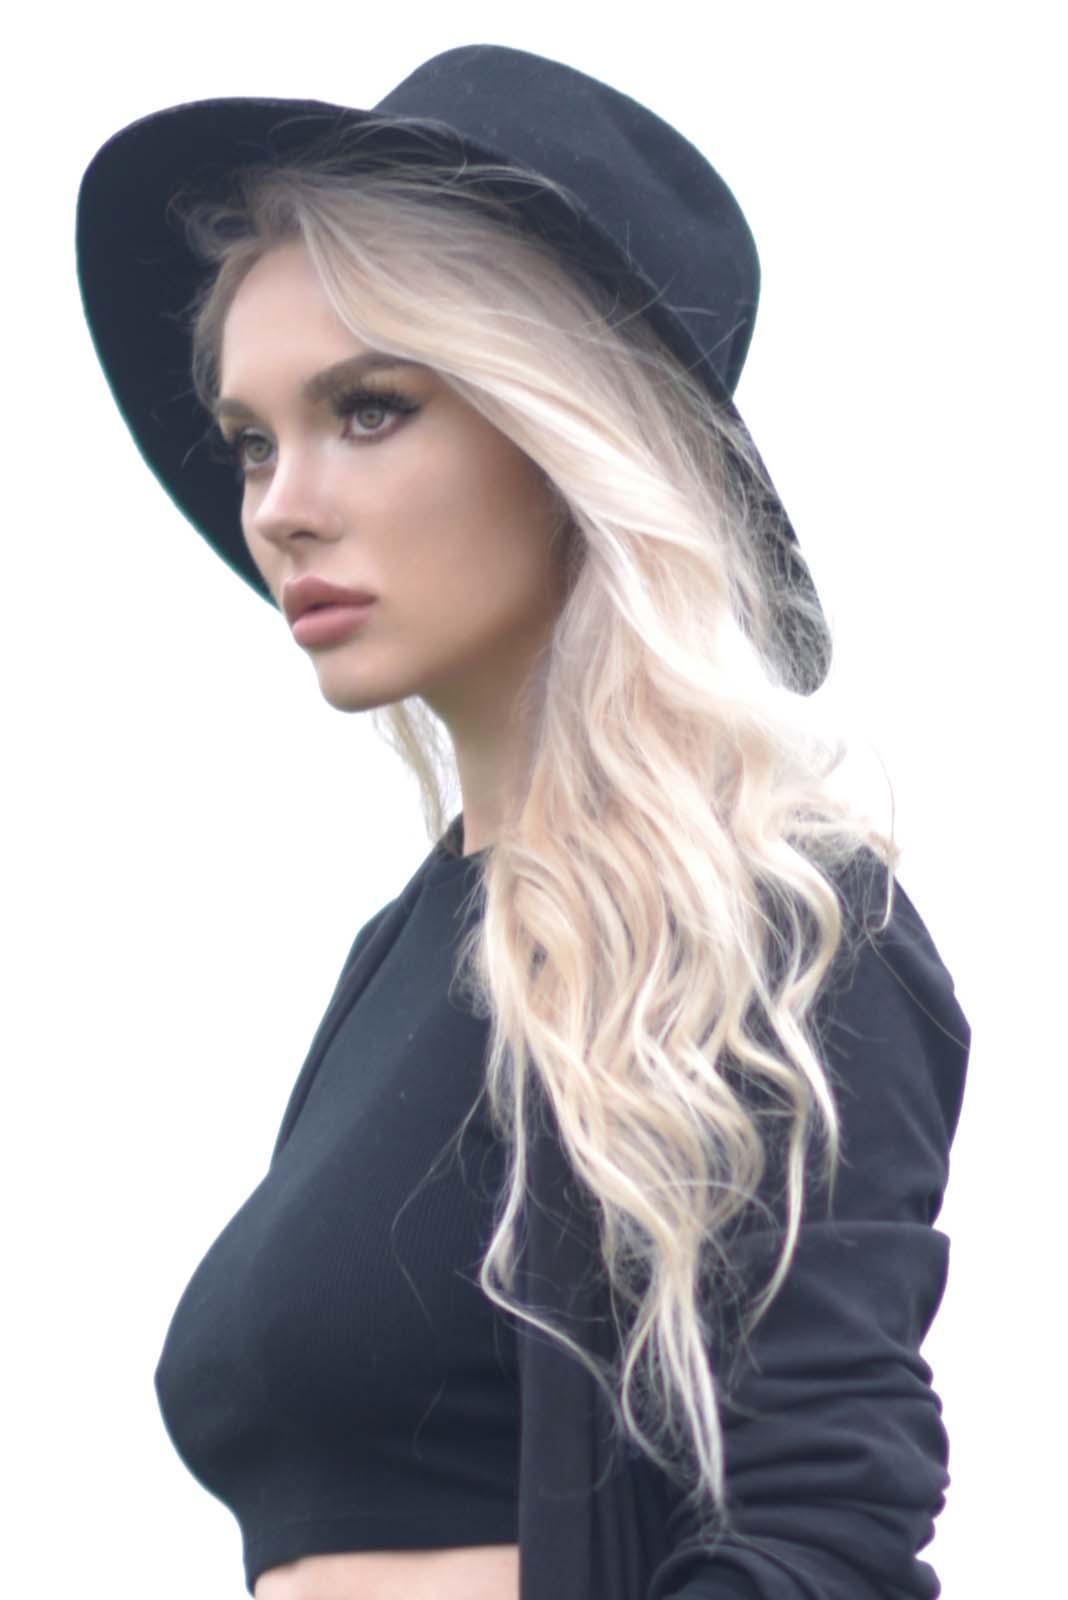 07_vintage_pattern_skirt_black_hat_pompon